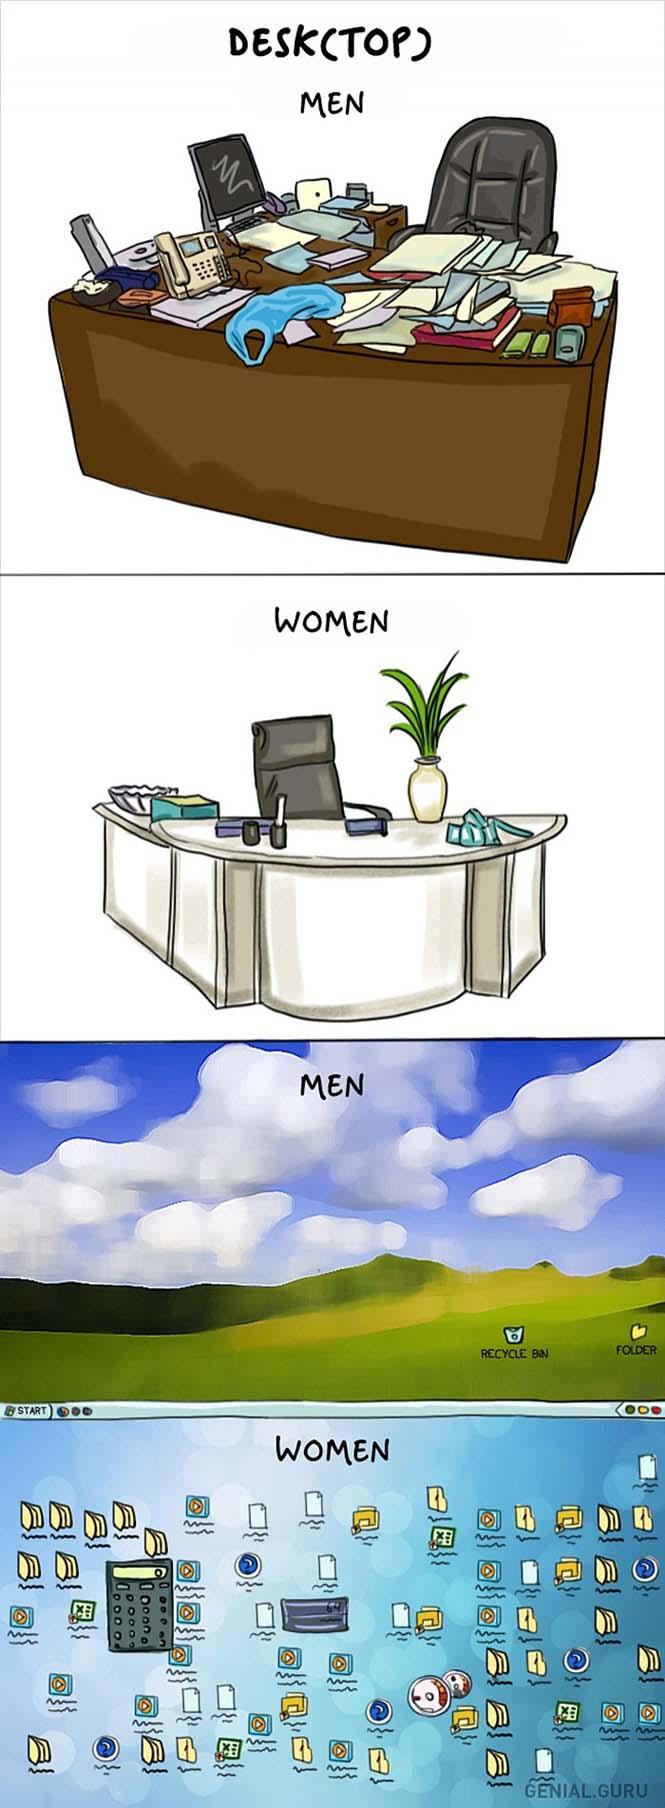 Άνδρες vs Γυναίκες: Οι διαφορές των δύο φύλων σε 14 χιουμοριστικά σκίτσα (13)